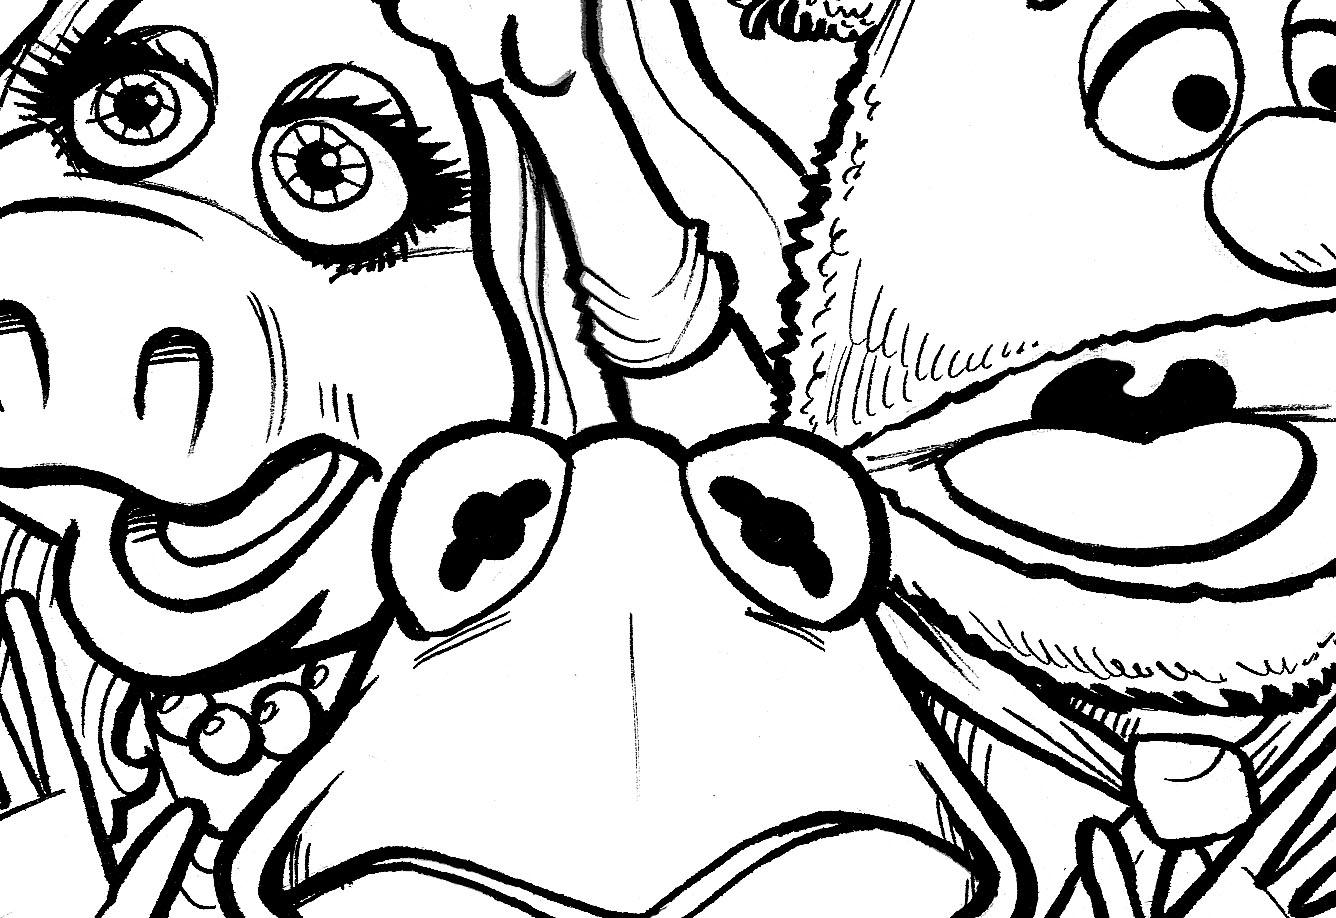 DURKINWORKS: Next Muppets Project: Sneak Peek